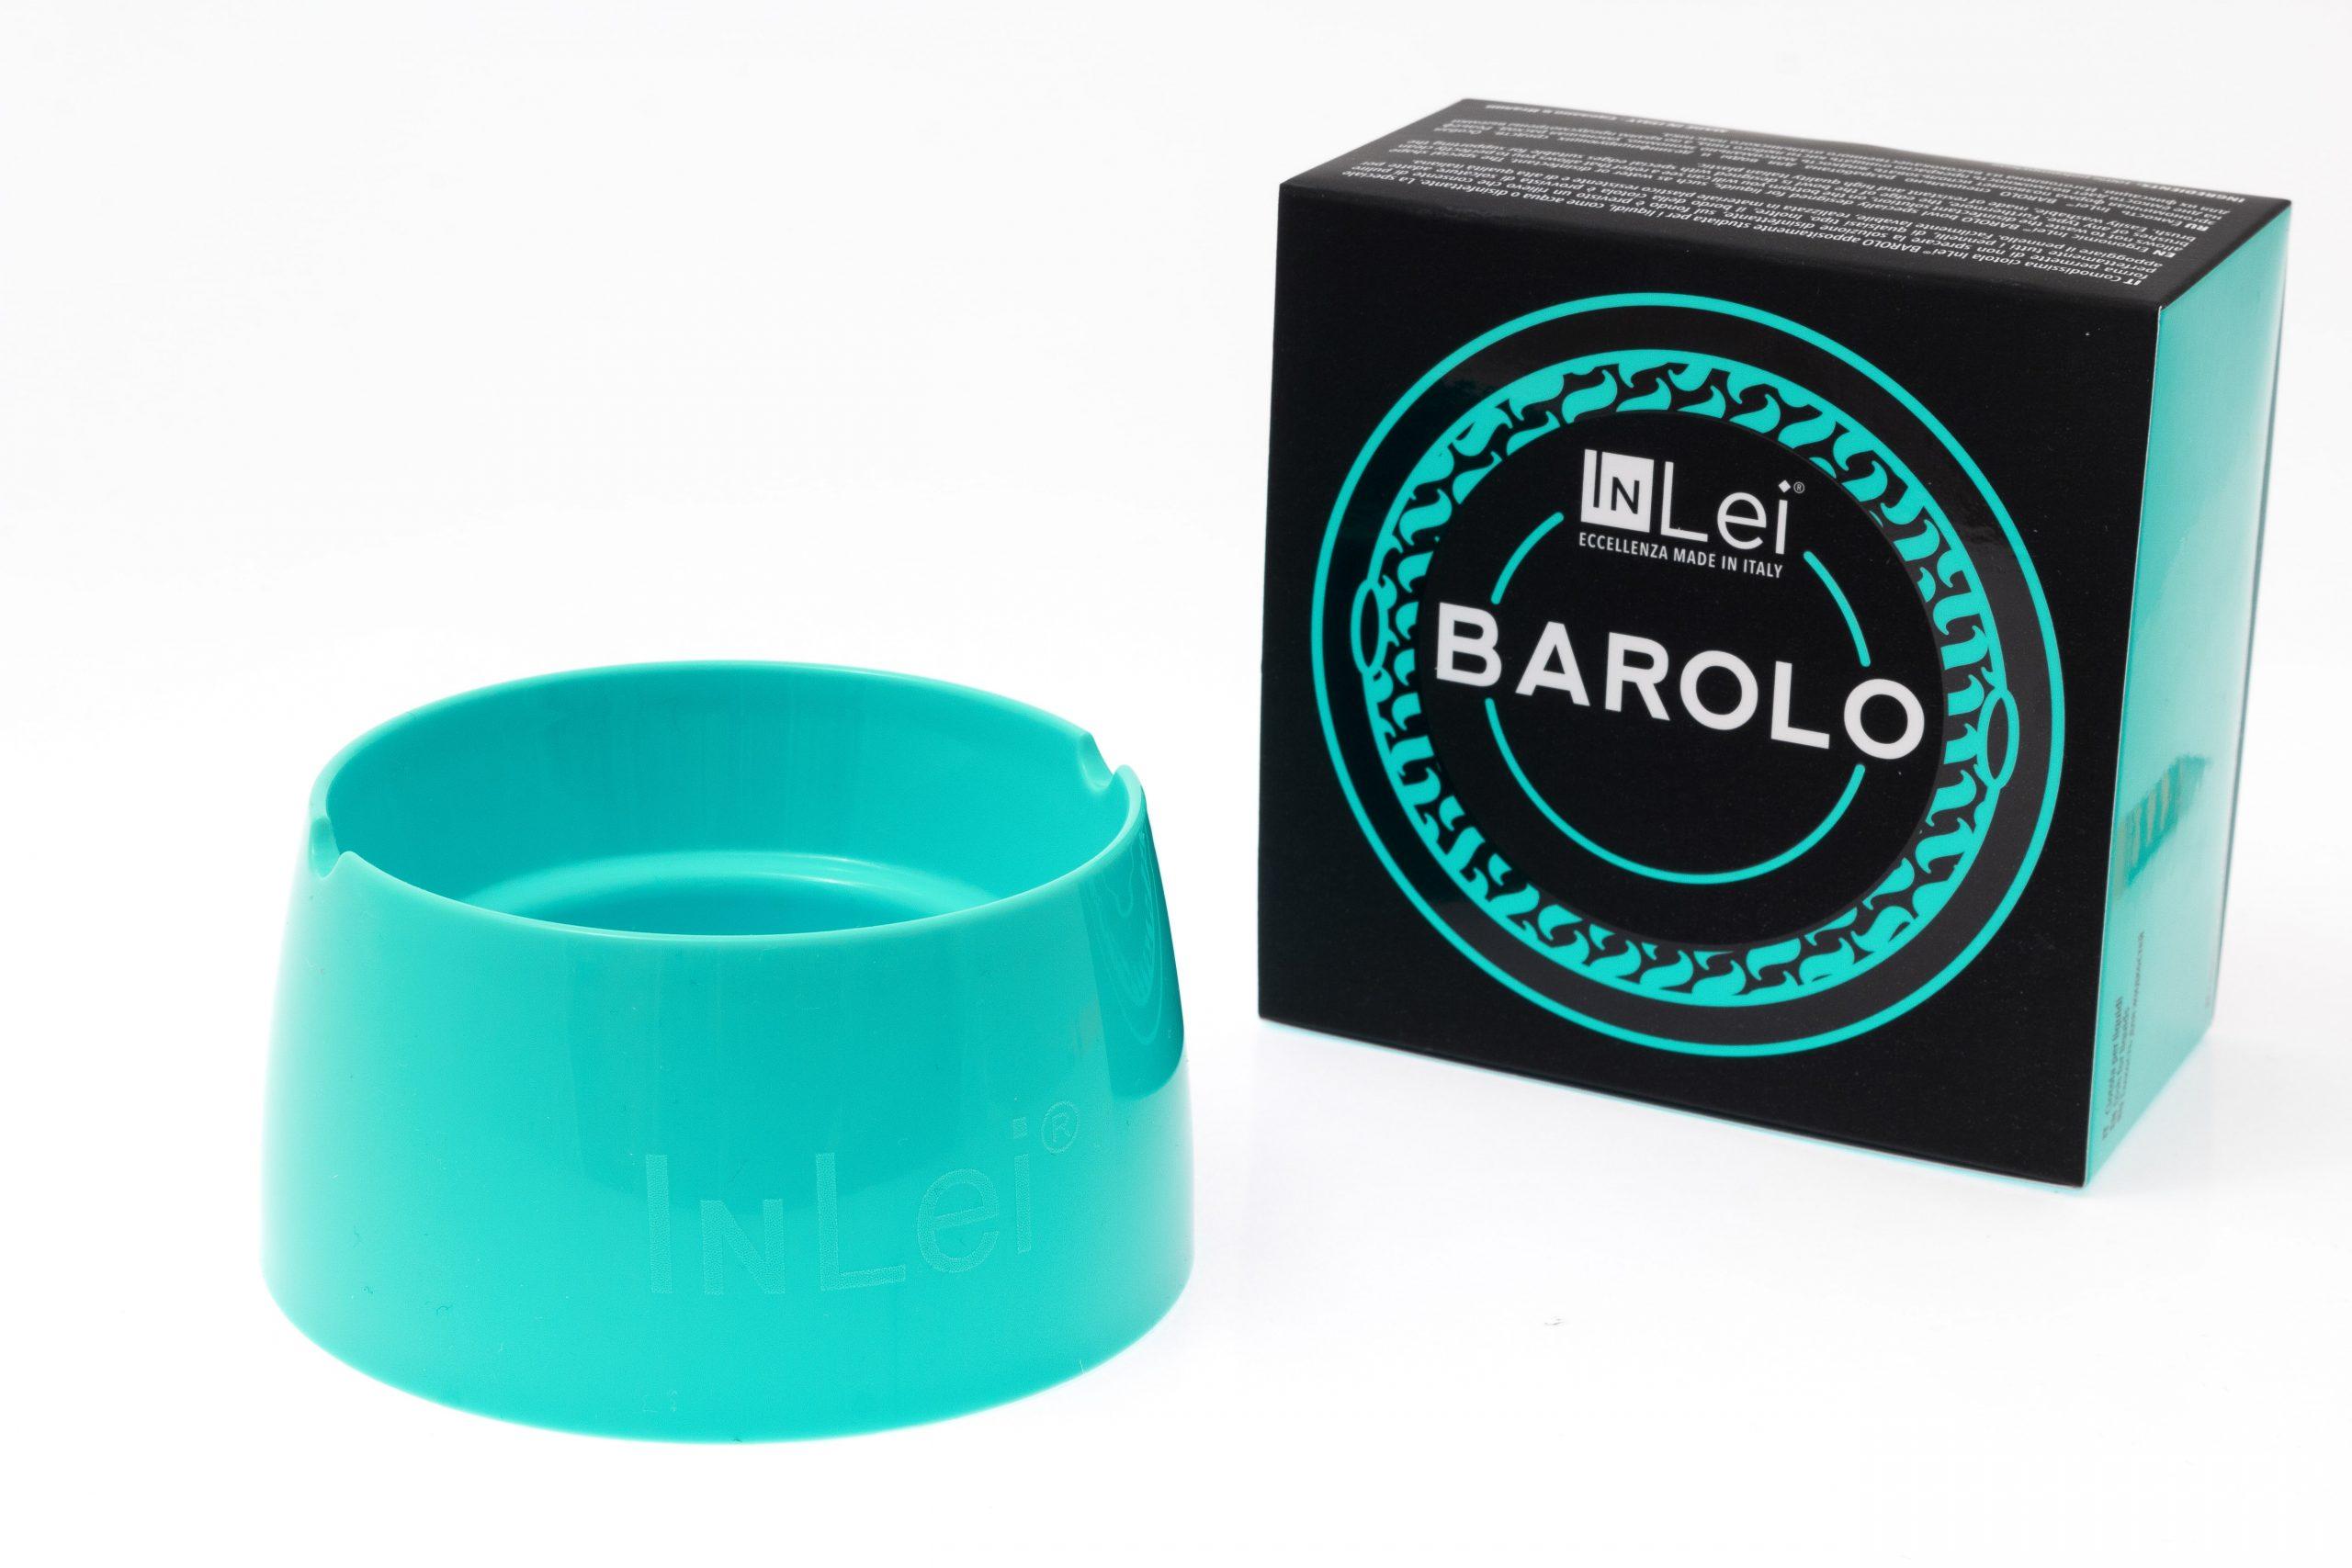 InLei Barolo